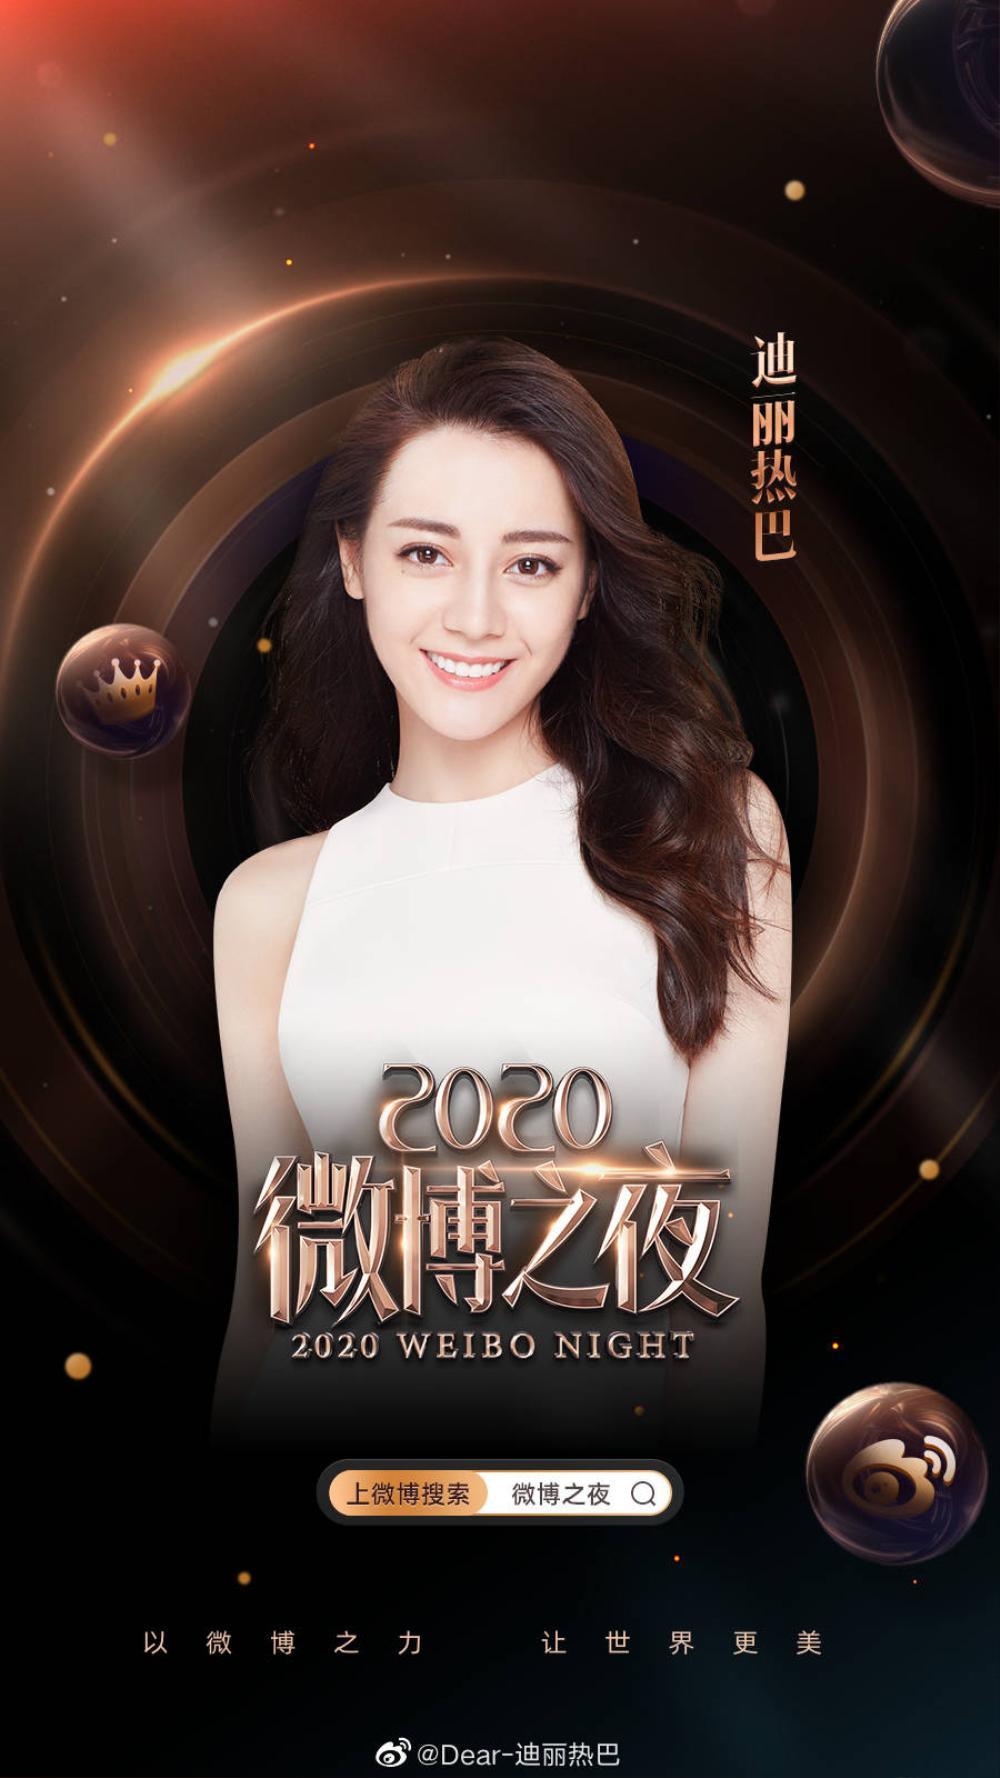 Tiêu Chiến - Địch Lệ Nhiệt Ba và Vương Tuấn Khải xác nhận tham dự 'Đêm hội Weibo 2020' Ảnh 2